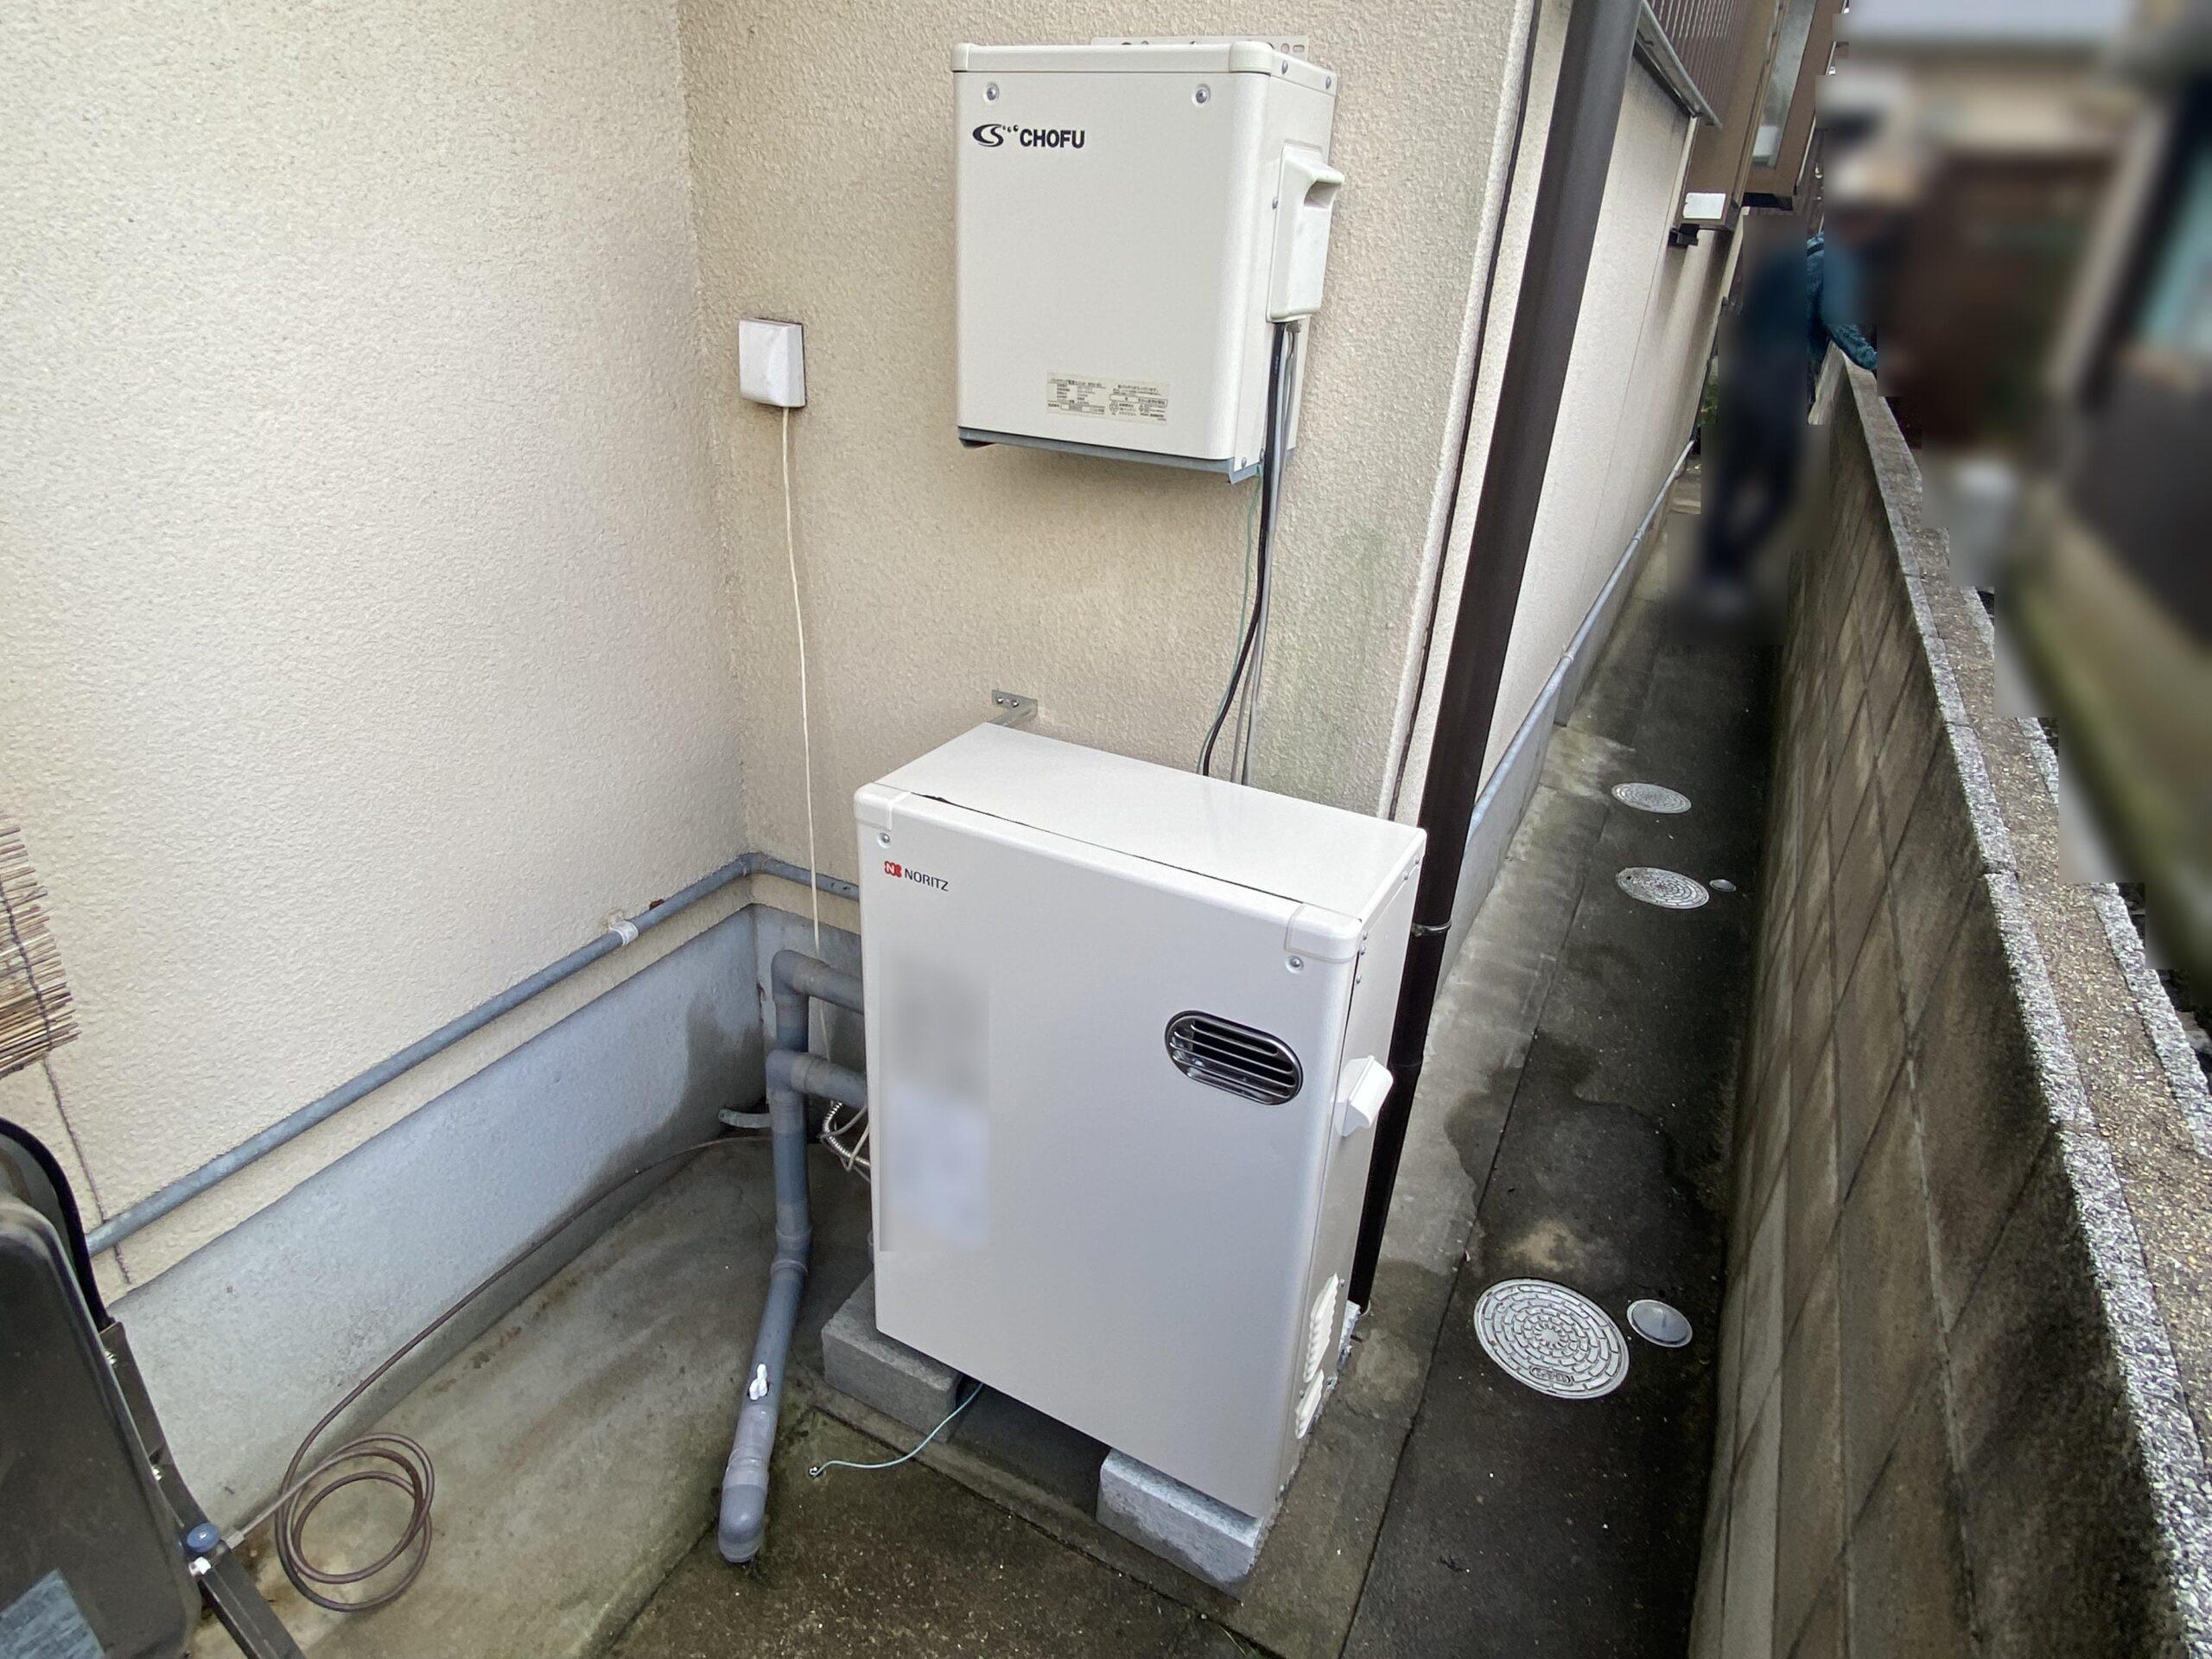 直方市 Y様邸 給湯器の取換え工事 を行いました!